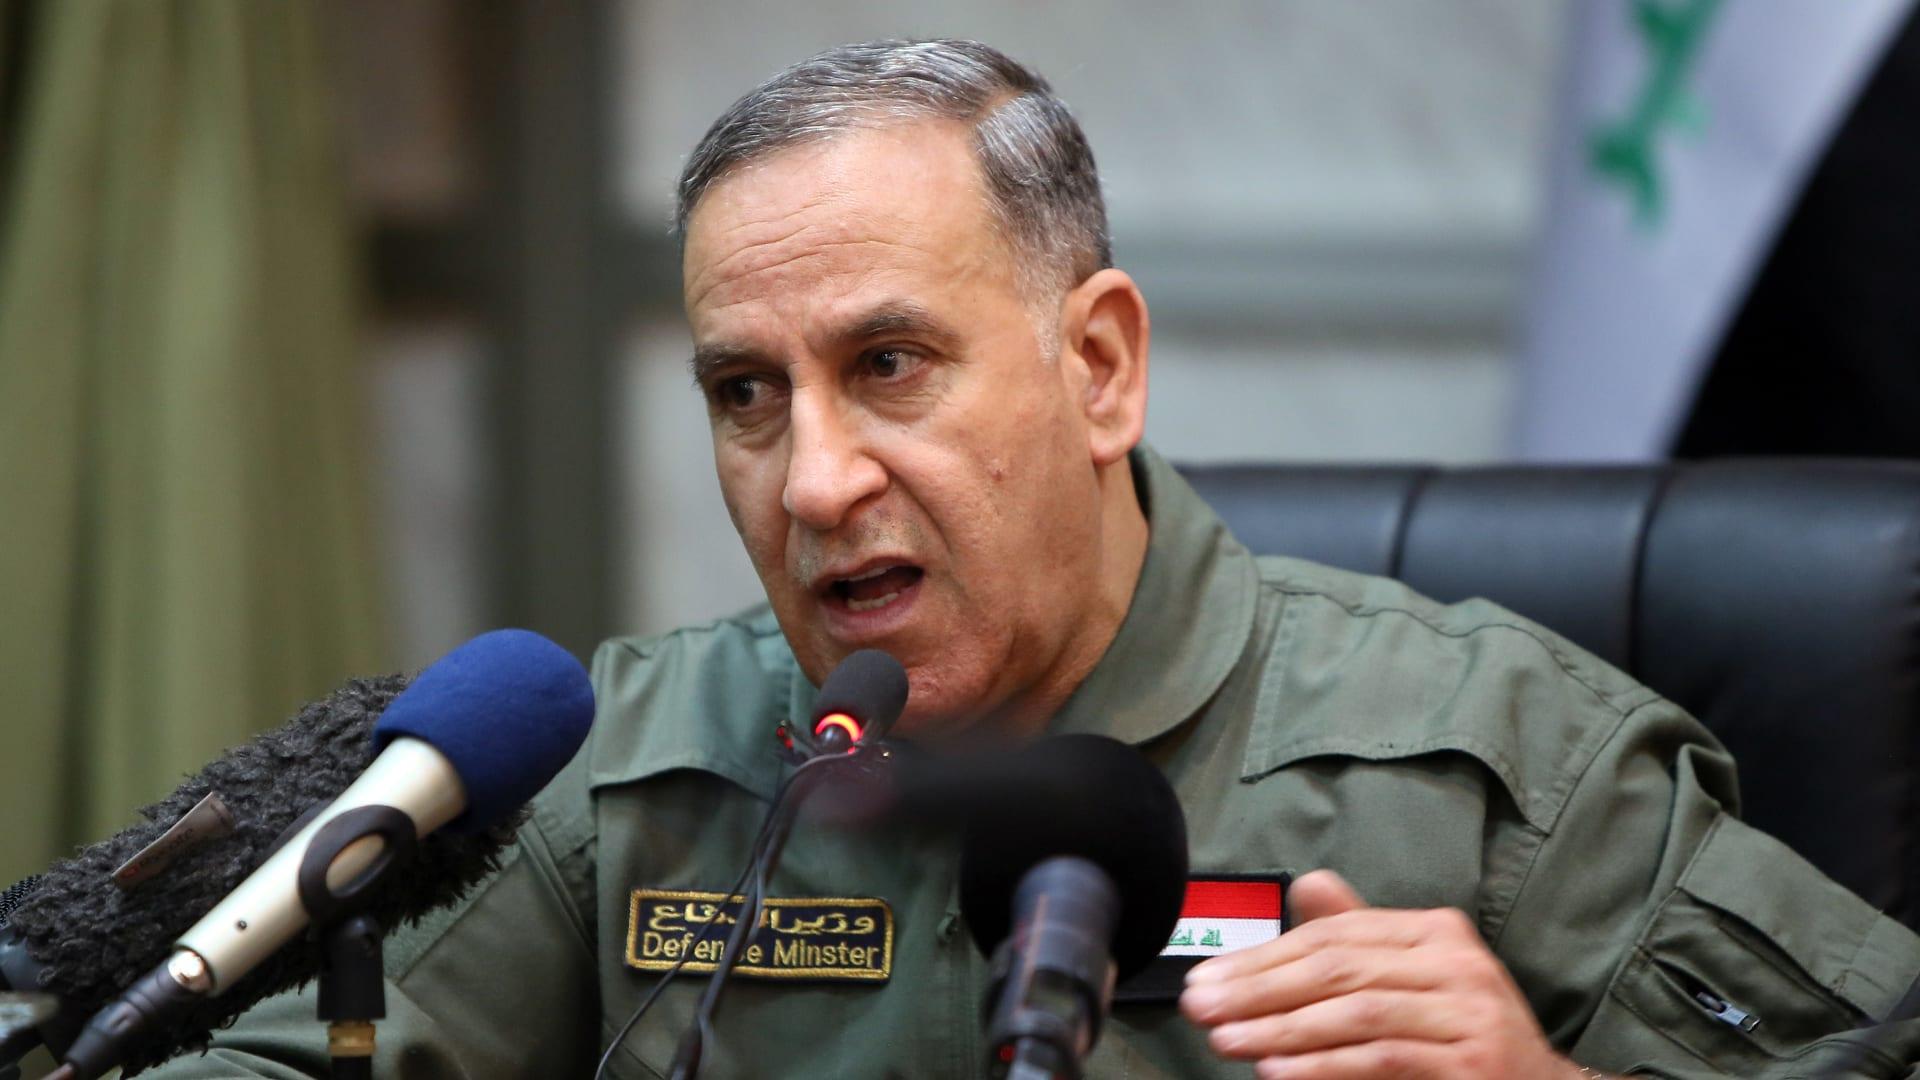 رئيس مجلس النواب يعلن إقالة وزير الدفاع خالد العبيدي بأغلبية الأصوات